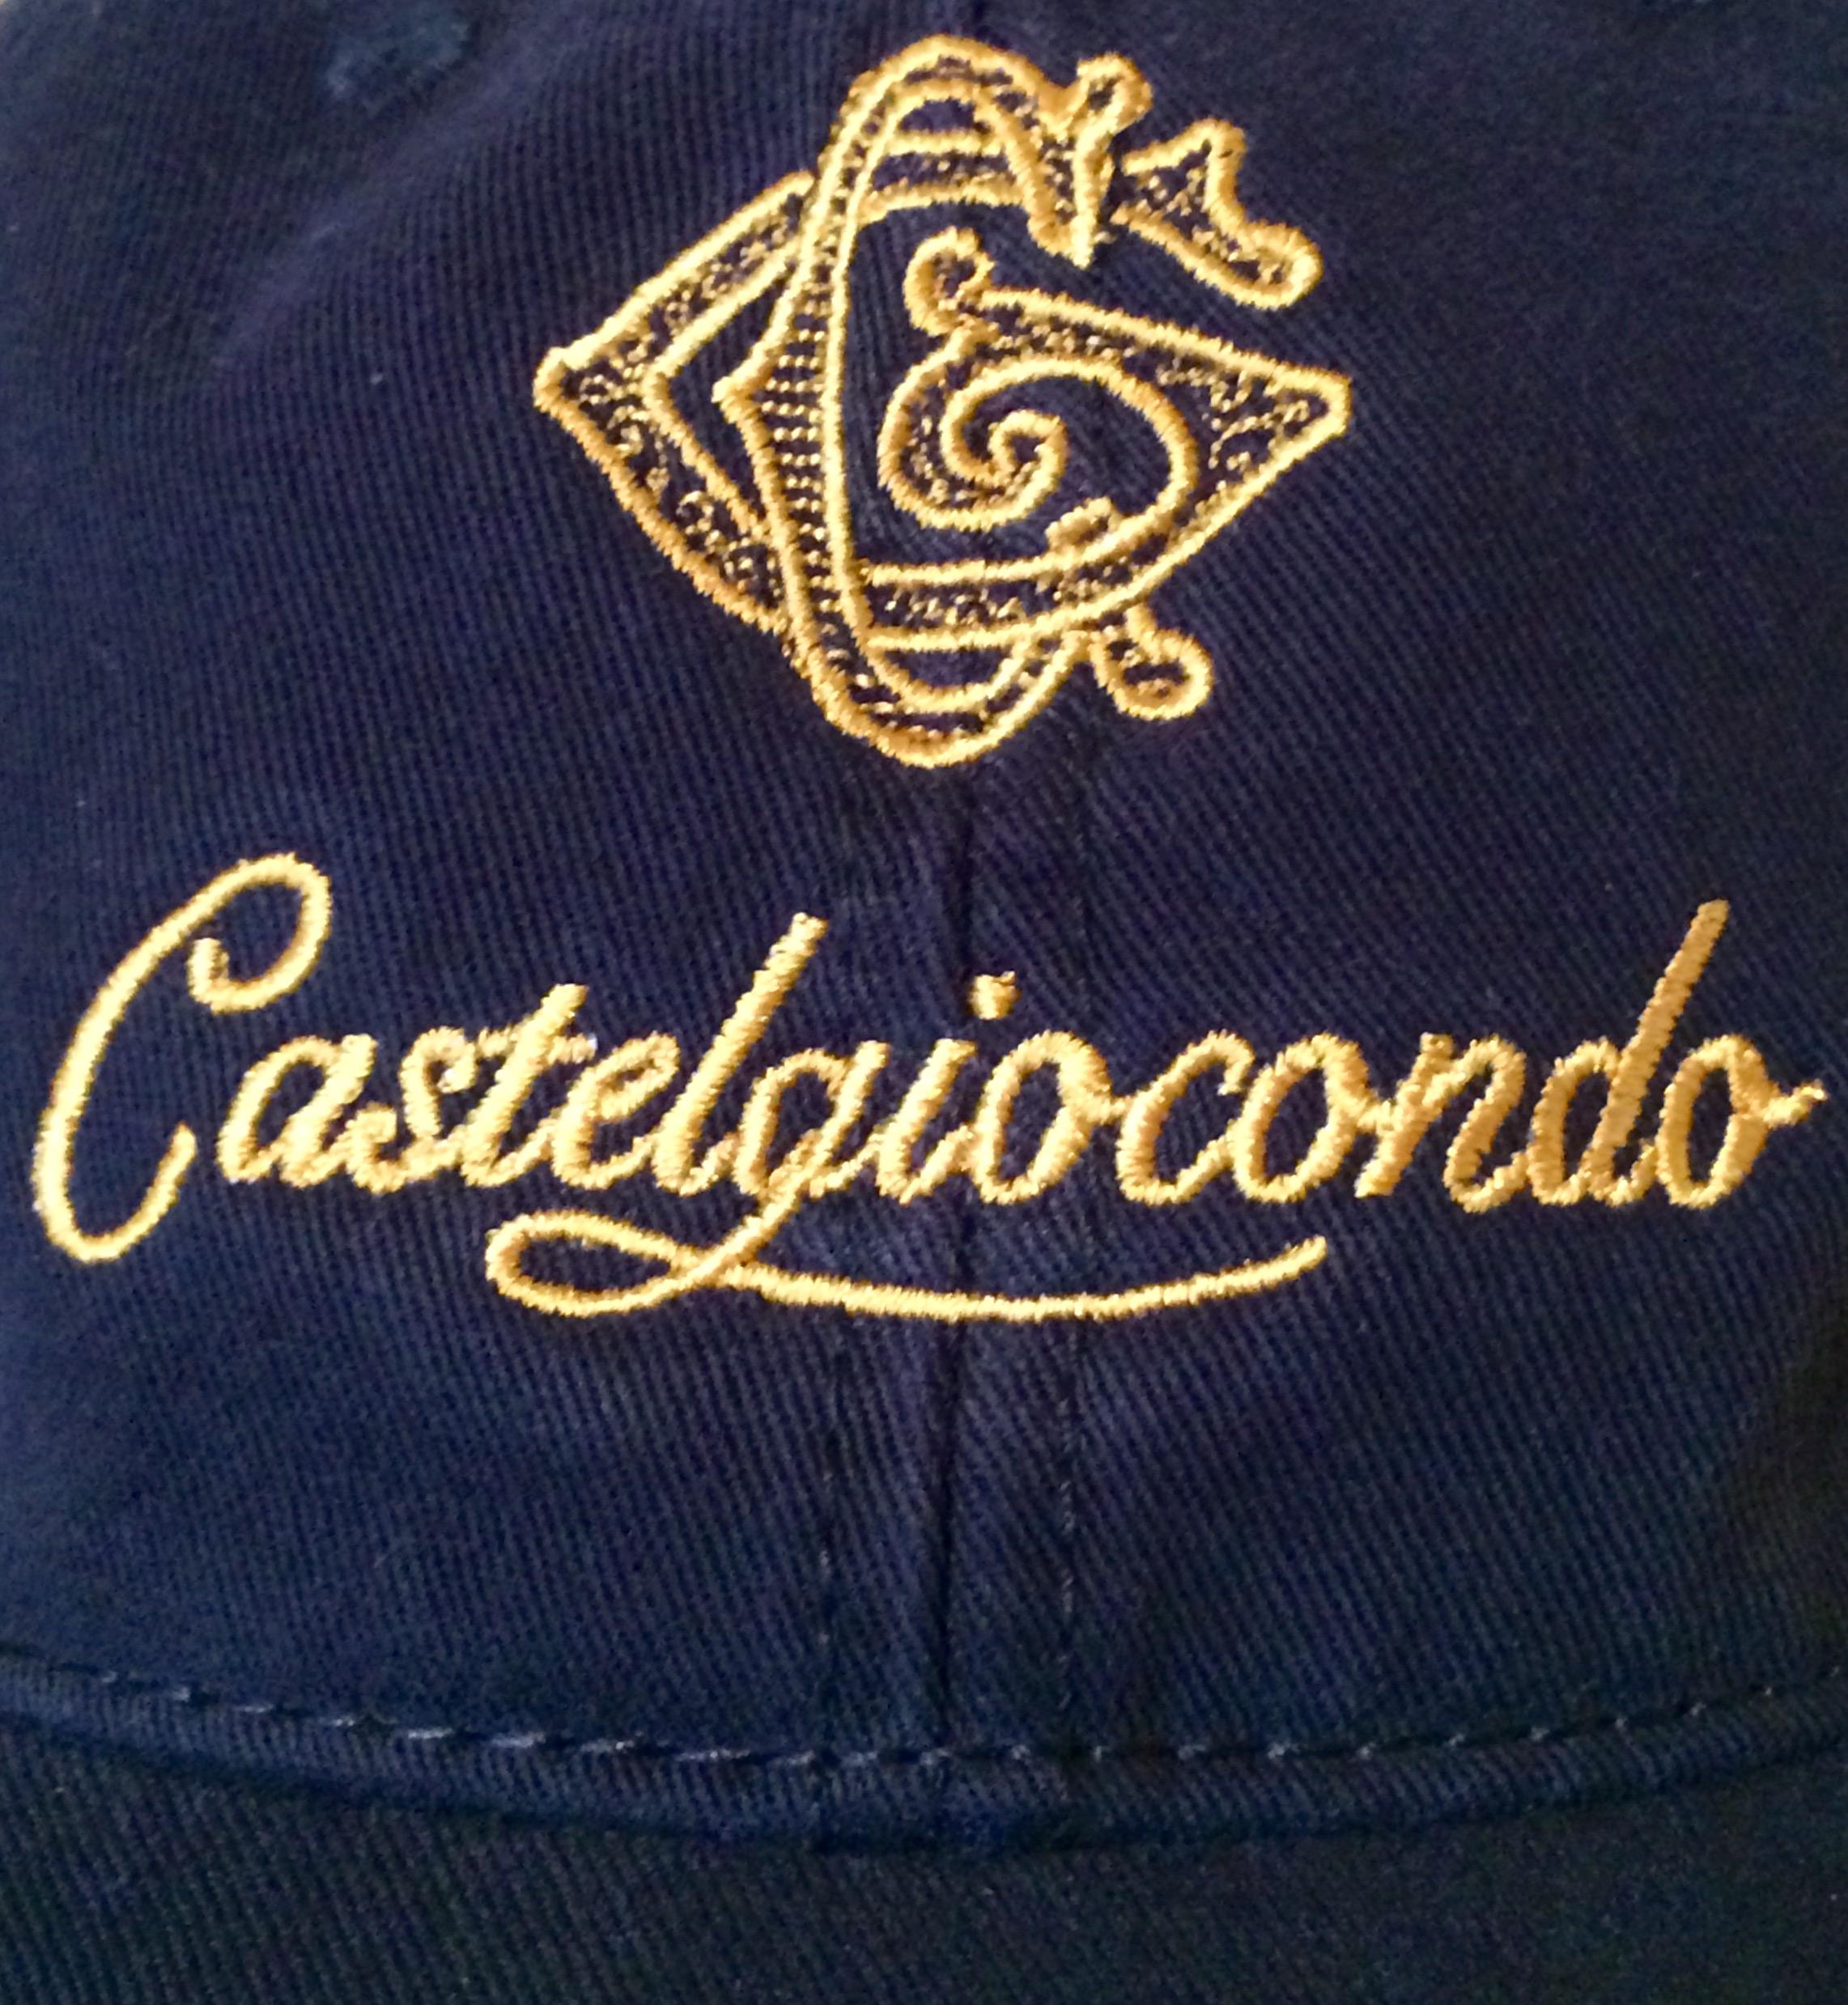 cg cappellino